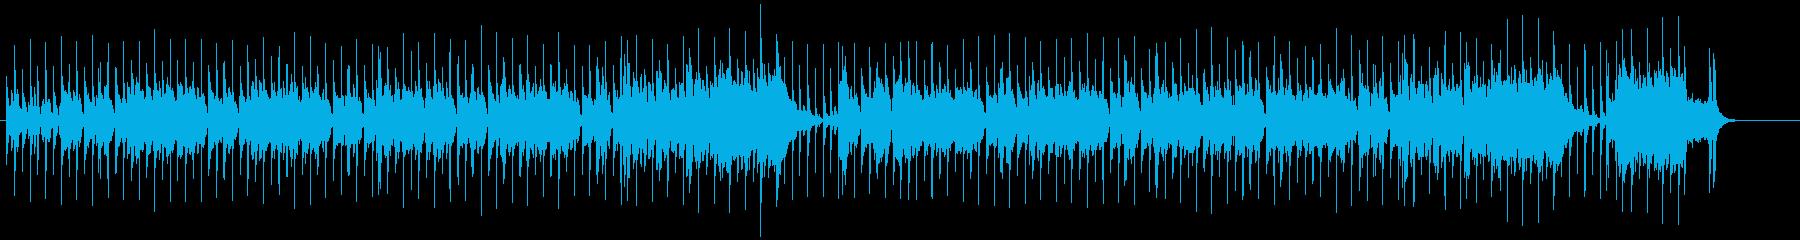 ホーン・セクションが際立つファンキーな曲の再生済みの波形